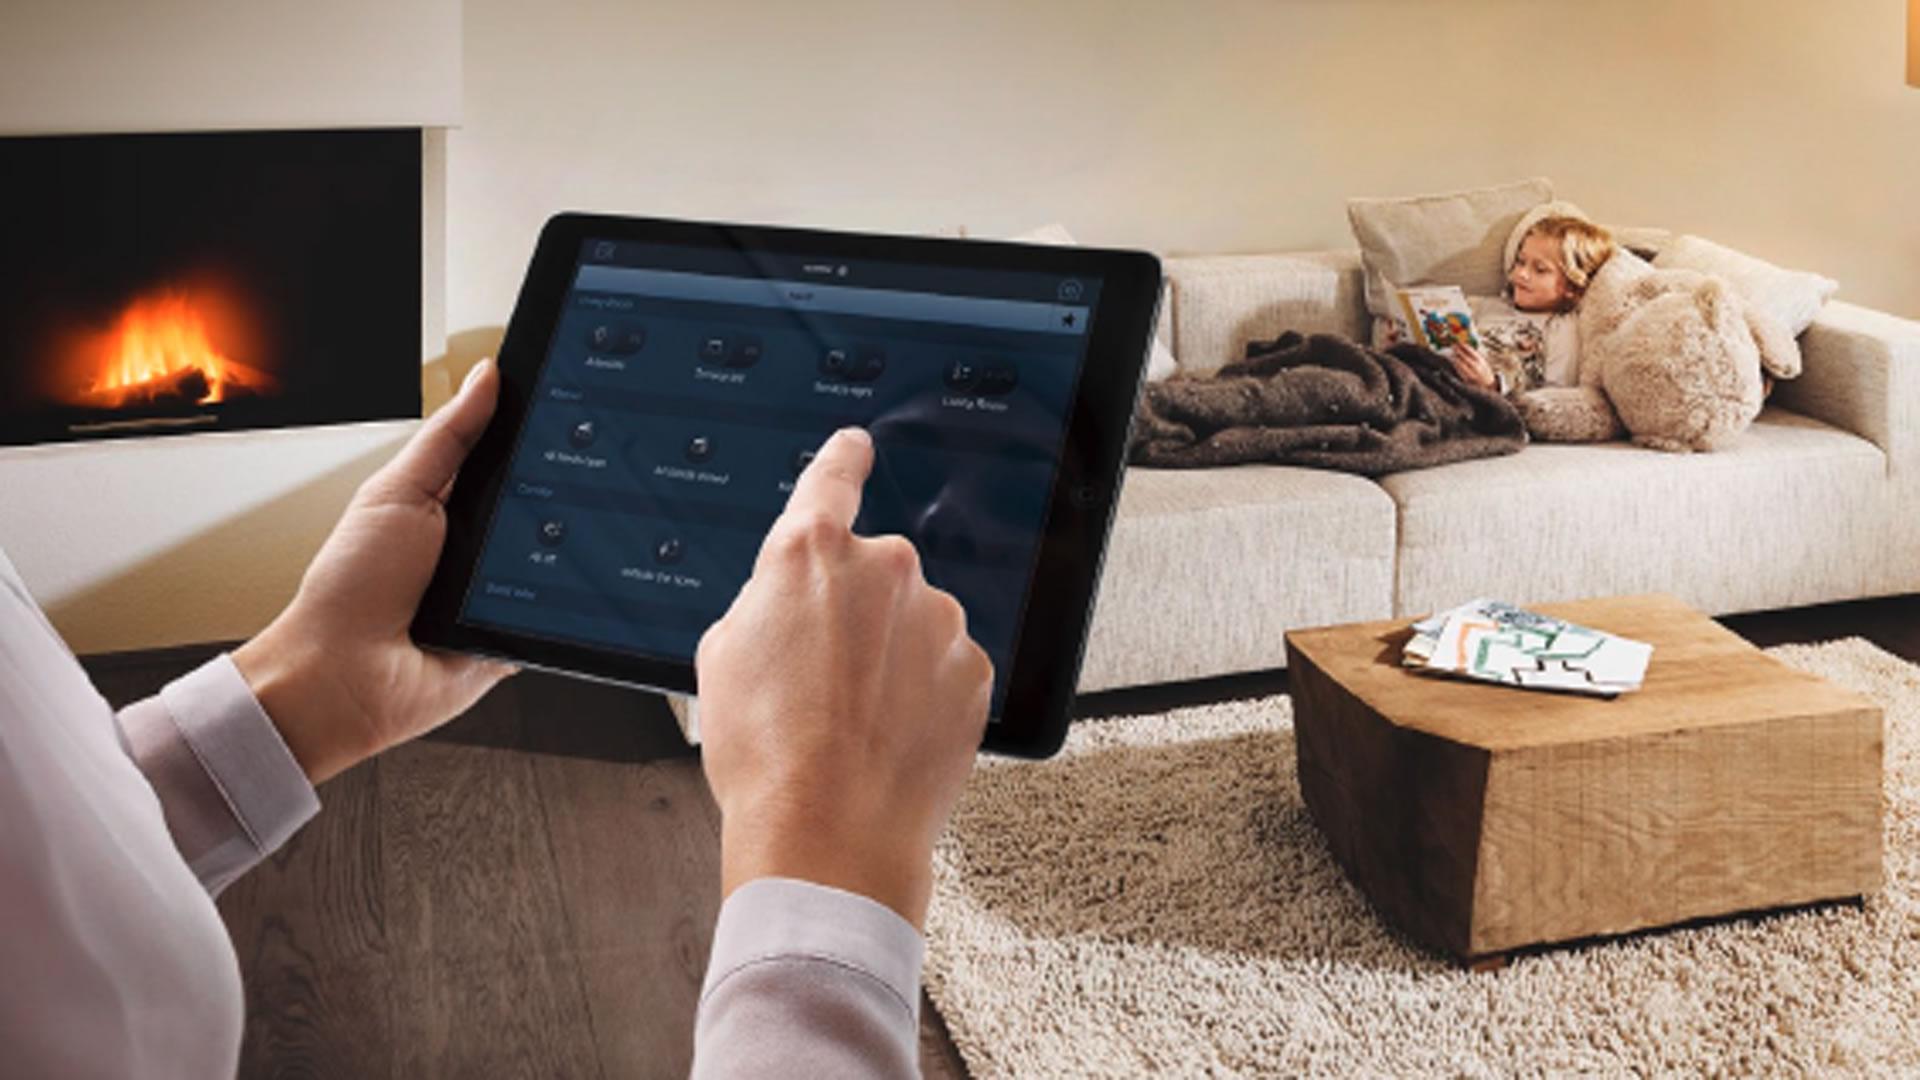 ABB Smart technology